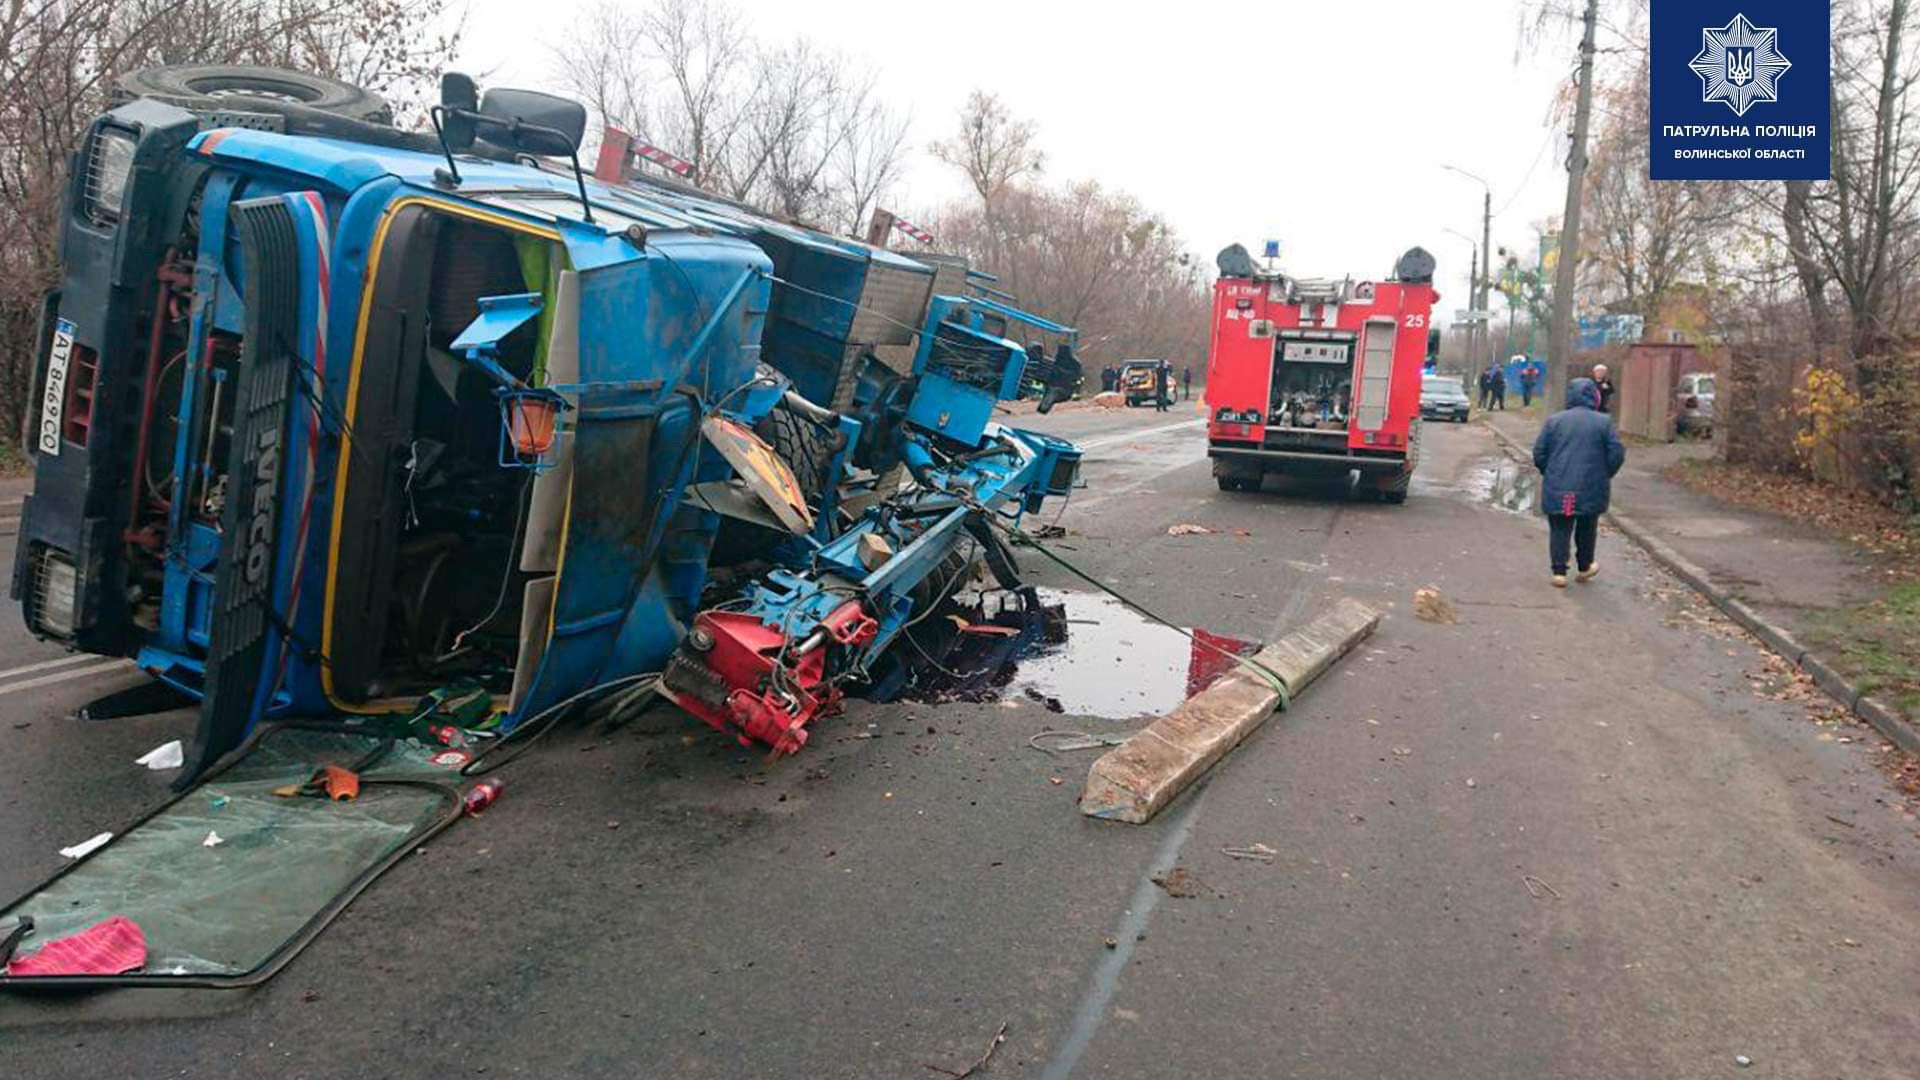 Через аварію на Набережній у Луцьку перекрили рух транспорту